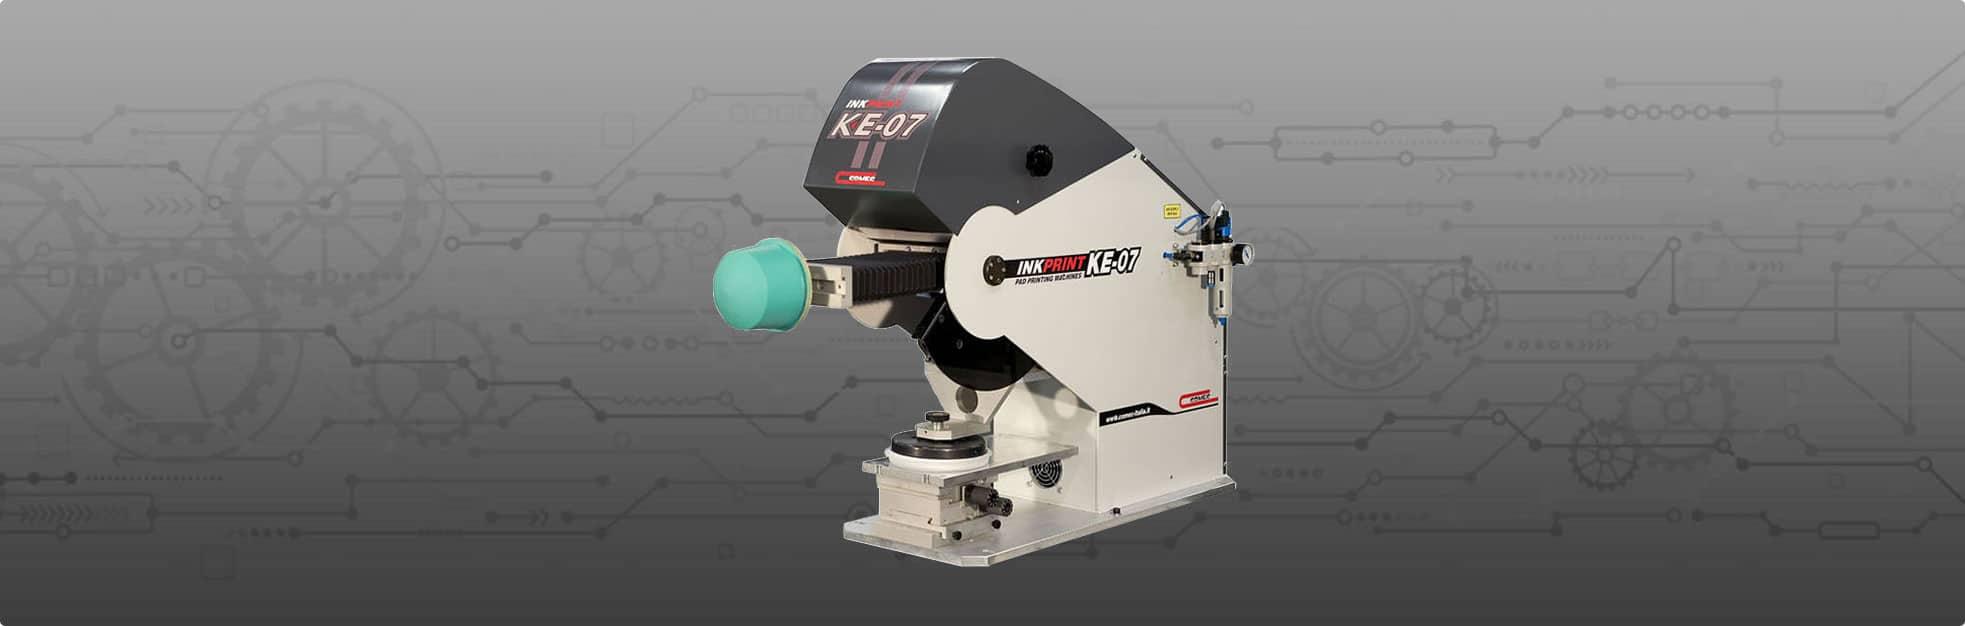 KE07 Pad Printing Machine